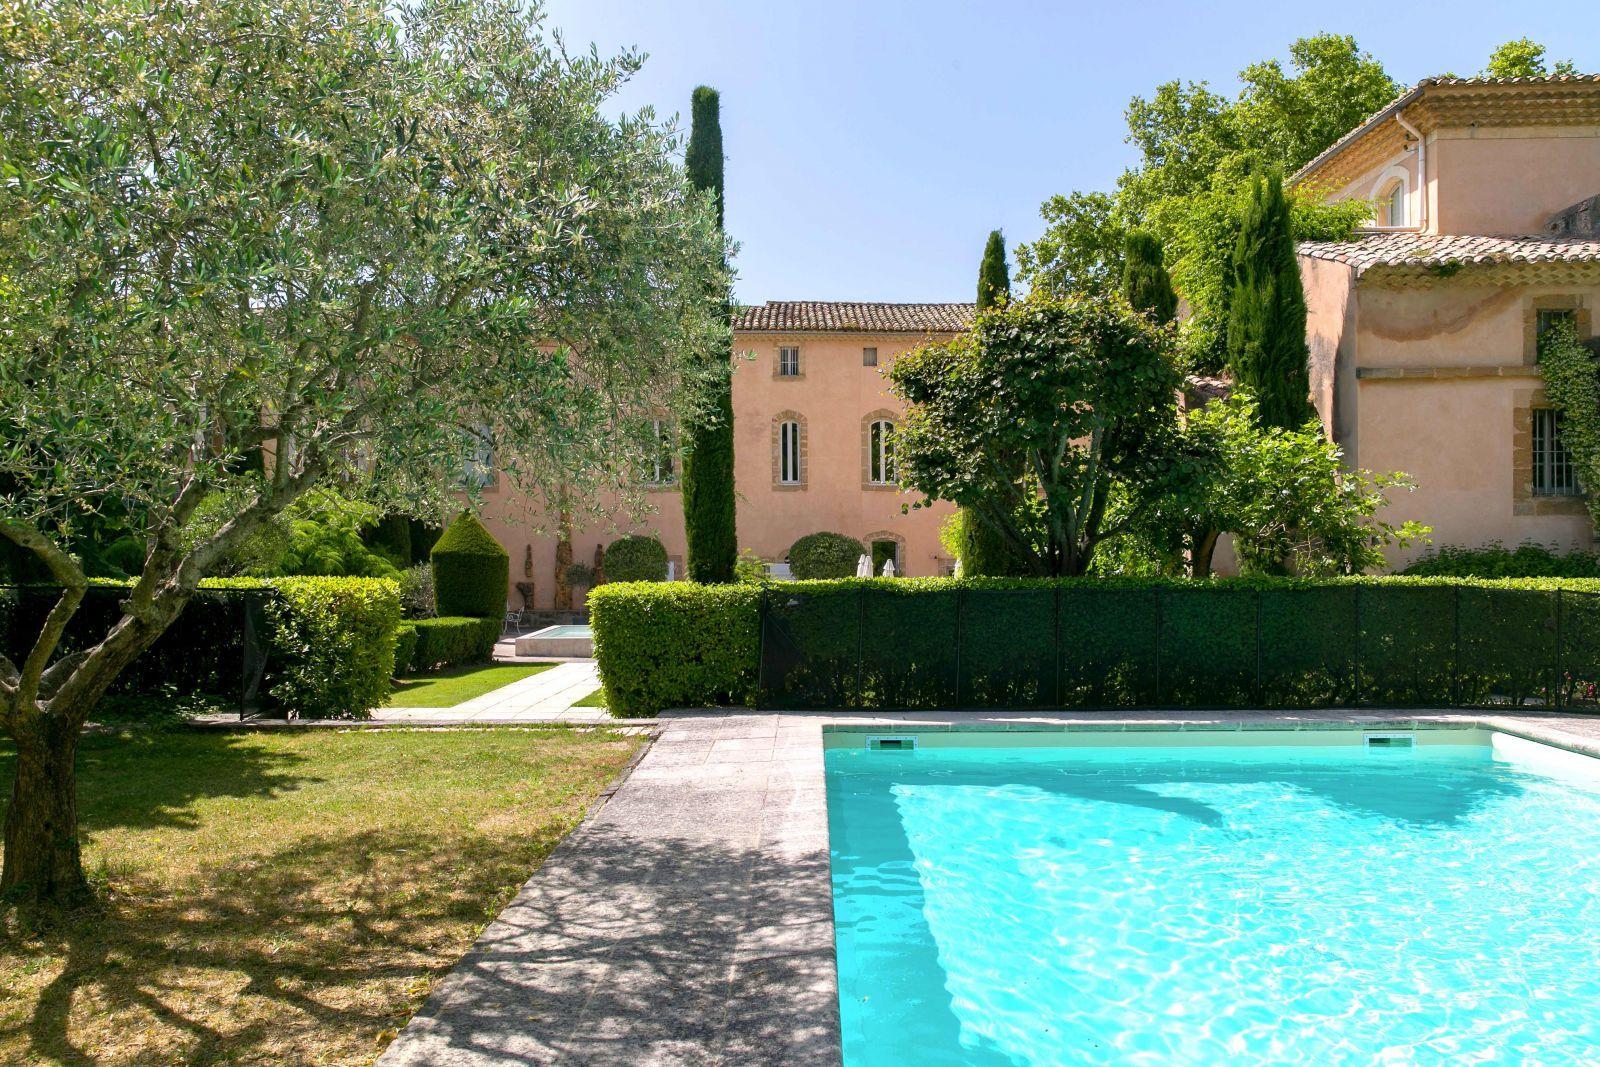 Hôtel De Luxe Avec Piscine En Provence | Provence, South Of ... dedans Hotel Avec Piscine Ile De France